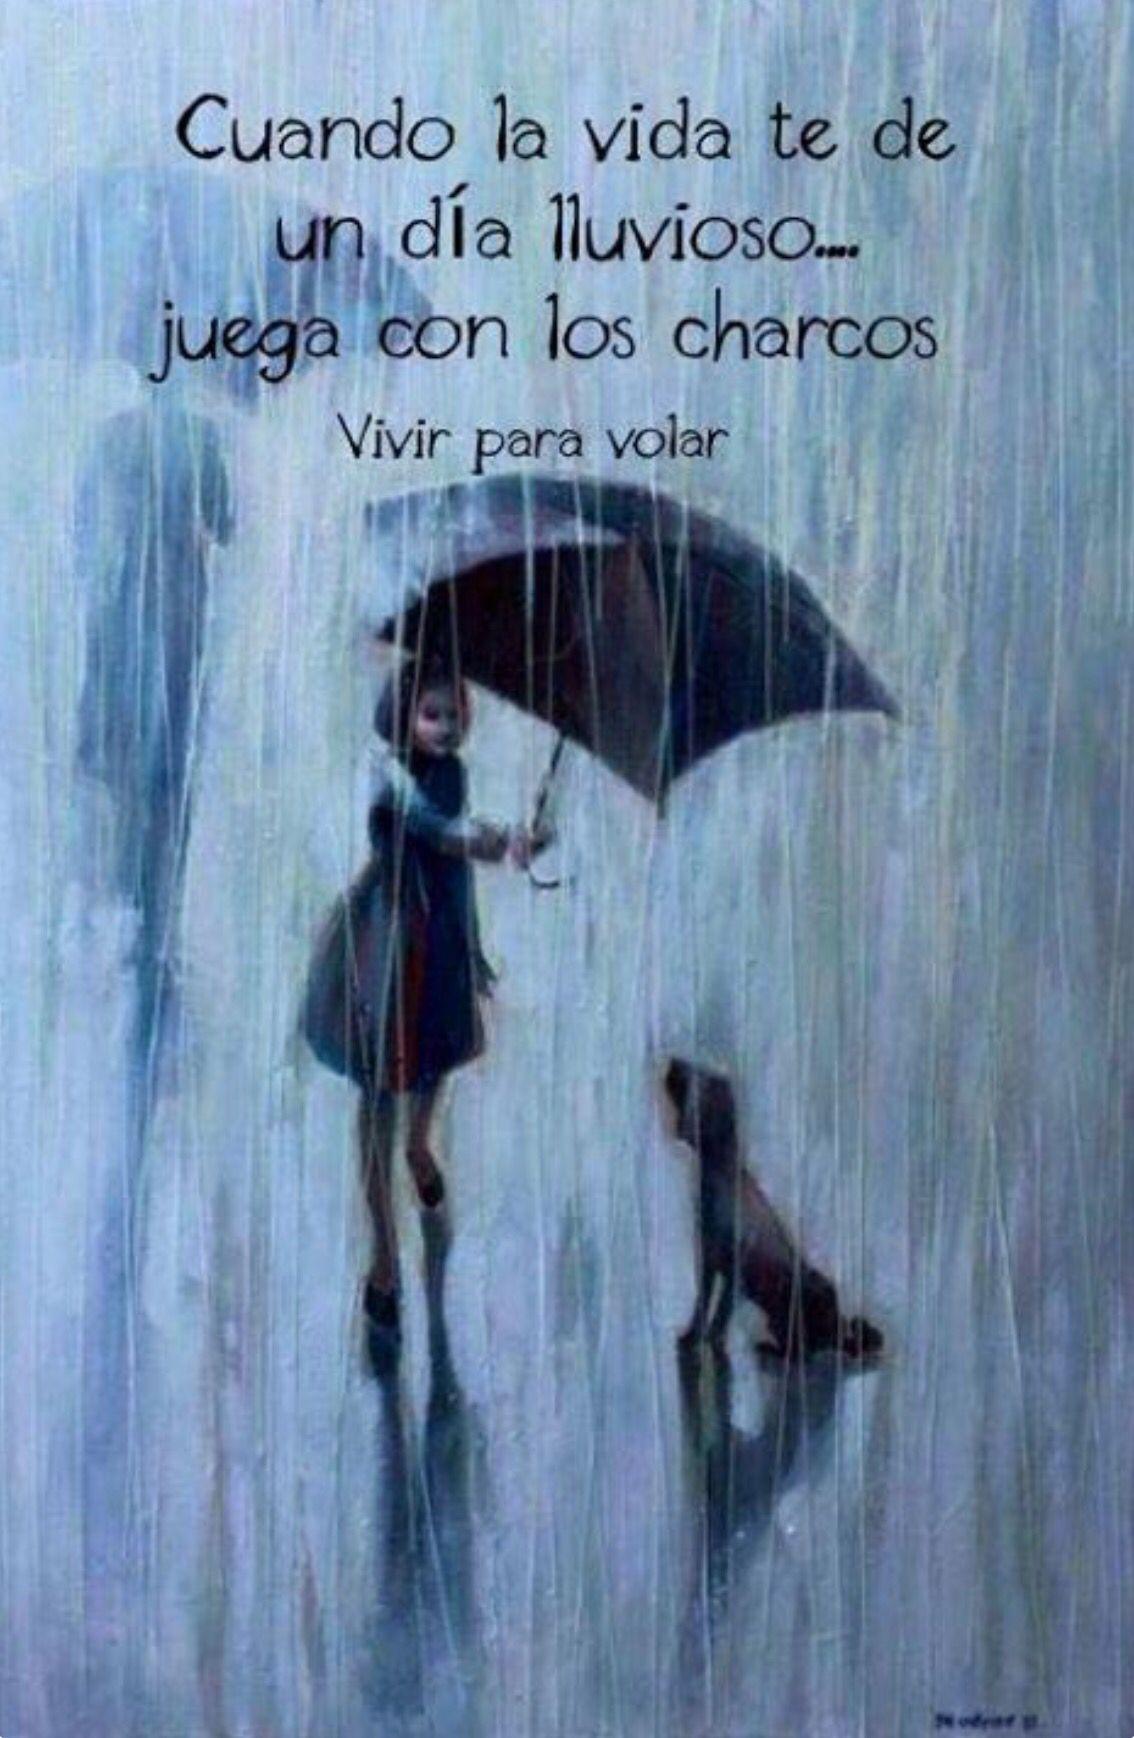 Día lluvioso   memorables   Pinterest   Dias lluviosos, Lluvioso y ...